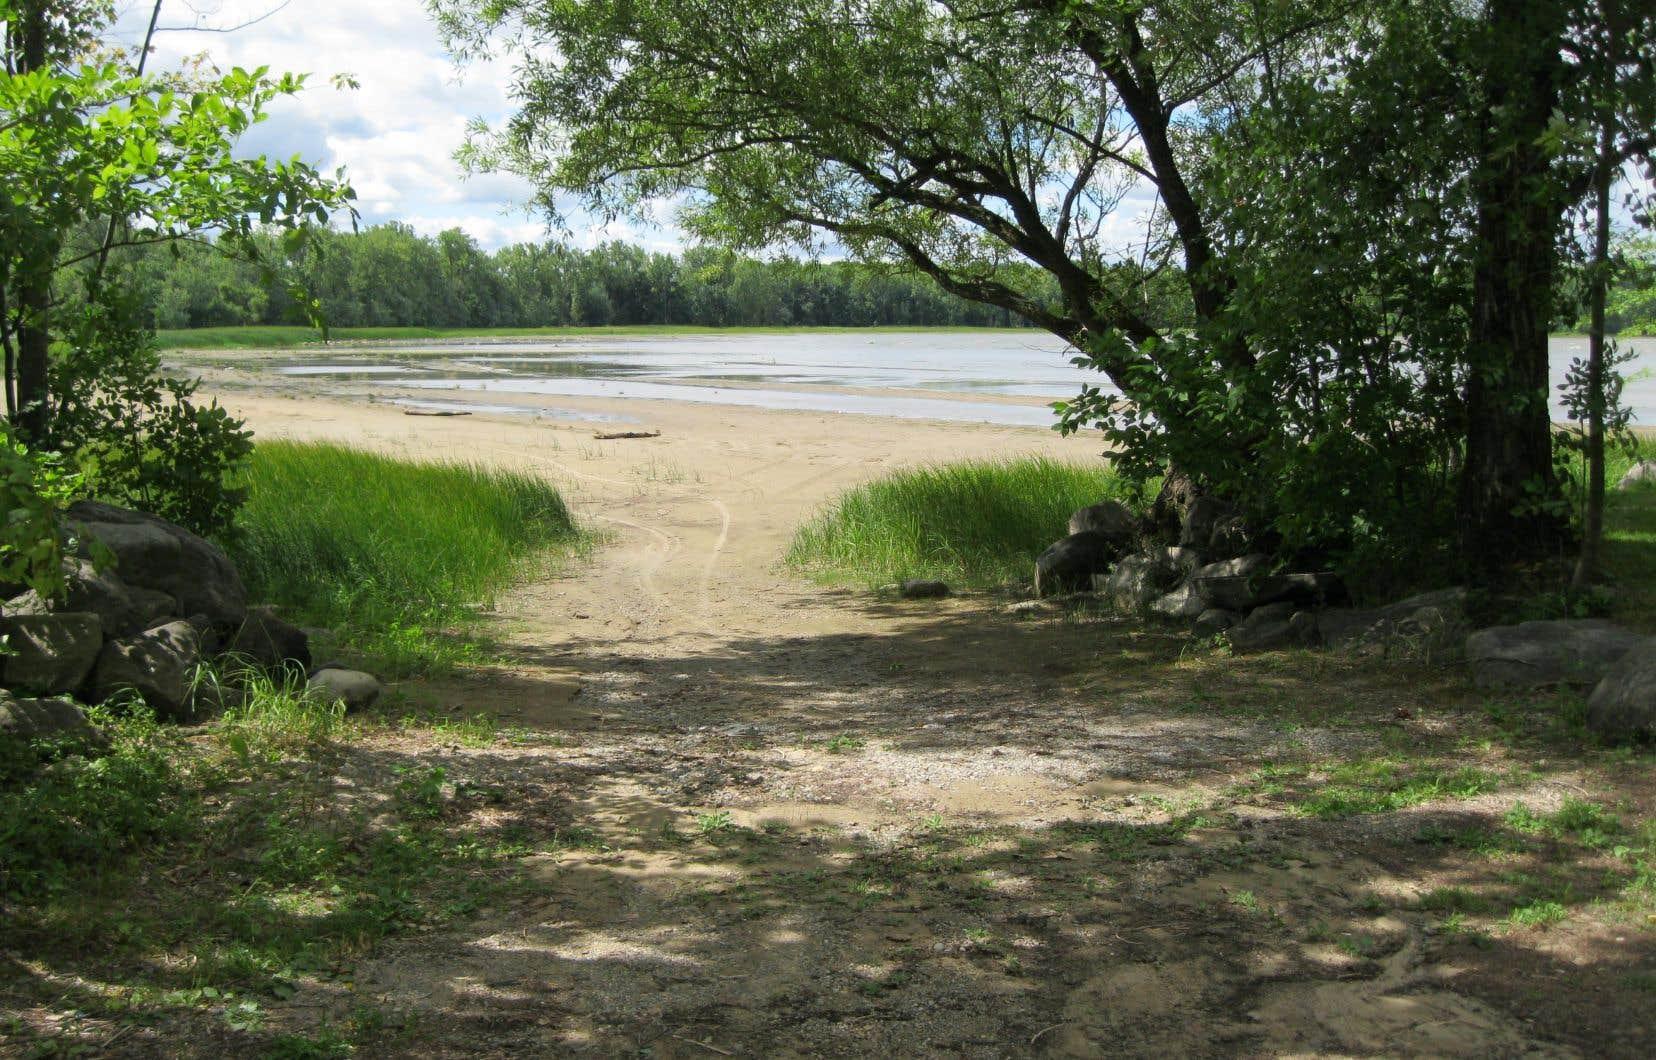 Parc-nature de l'Anse-à-l'Orme, Montréal